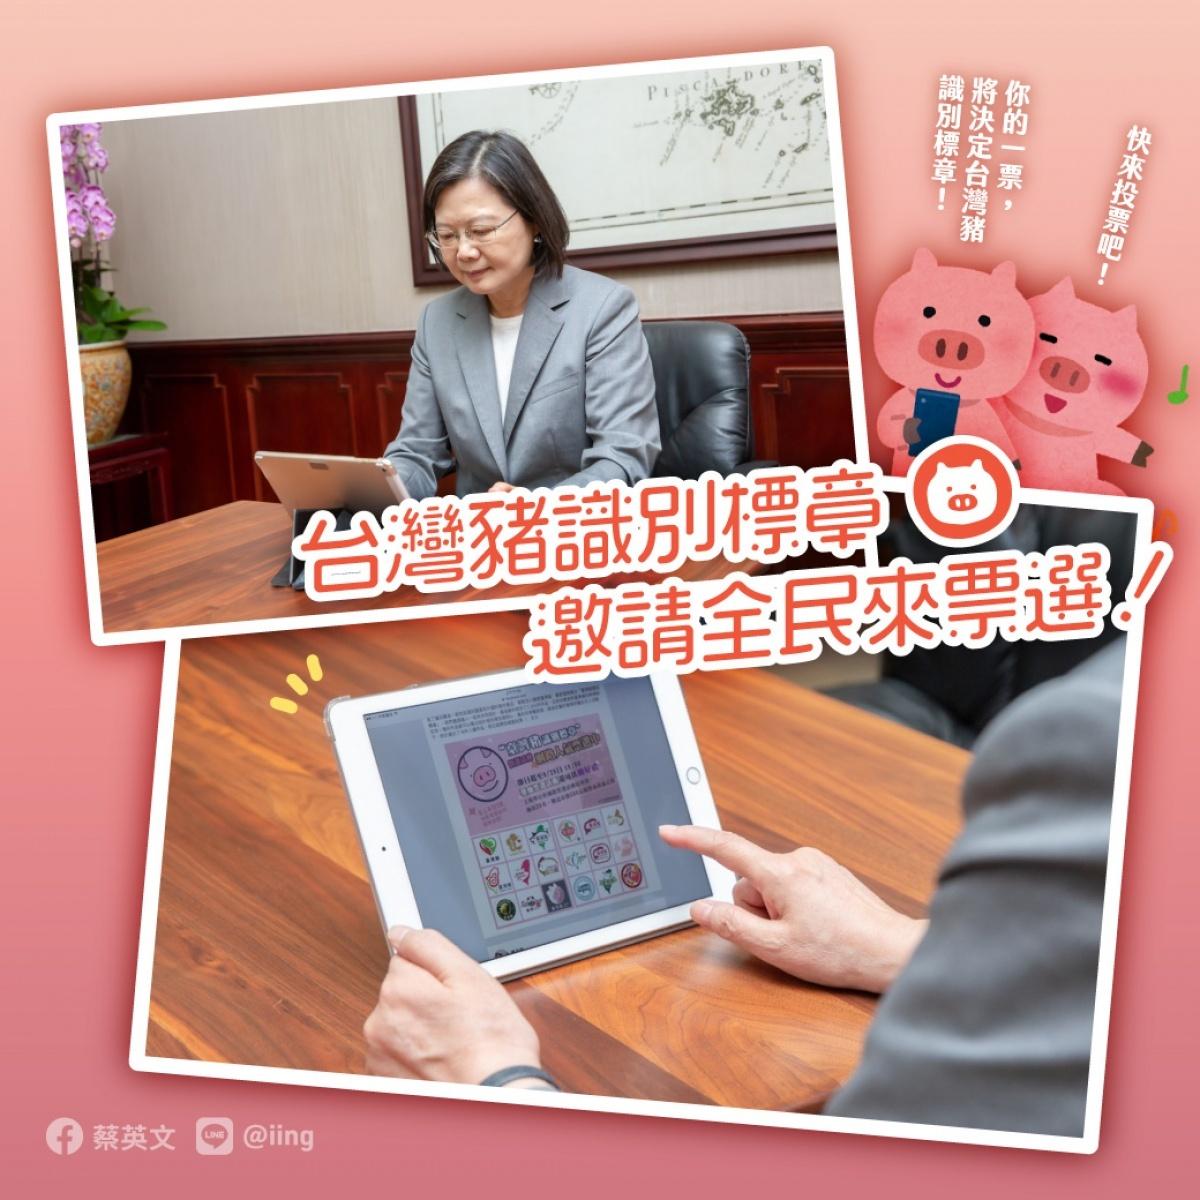 邀全民票選「台灣豬識別標章」 蔡英文:台灣豬不怕競爭